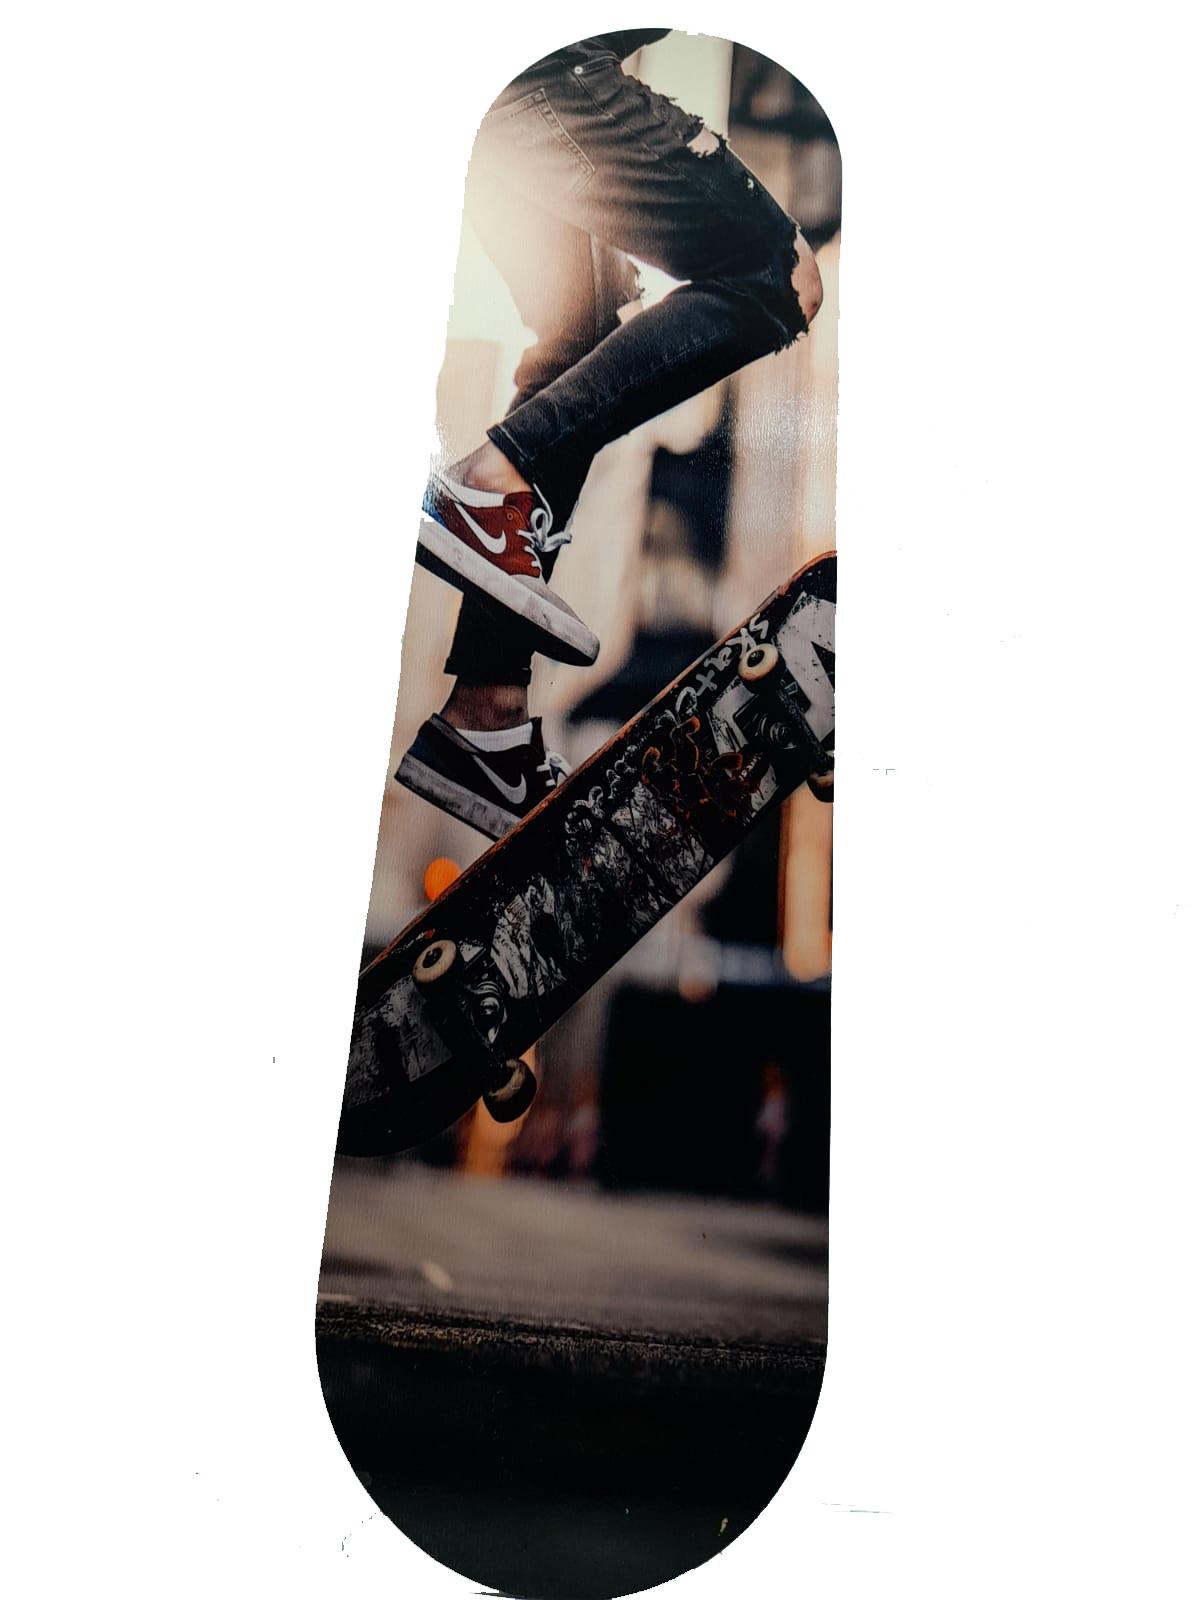 Placa Decorativa Shape Skate Personalizada + Chaveiro presente